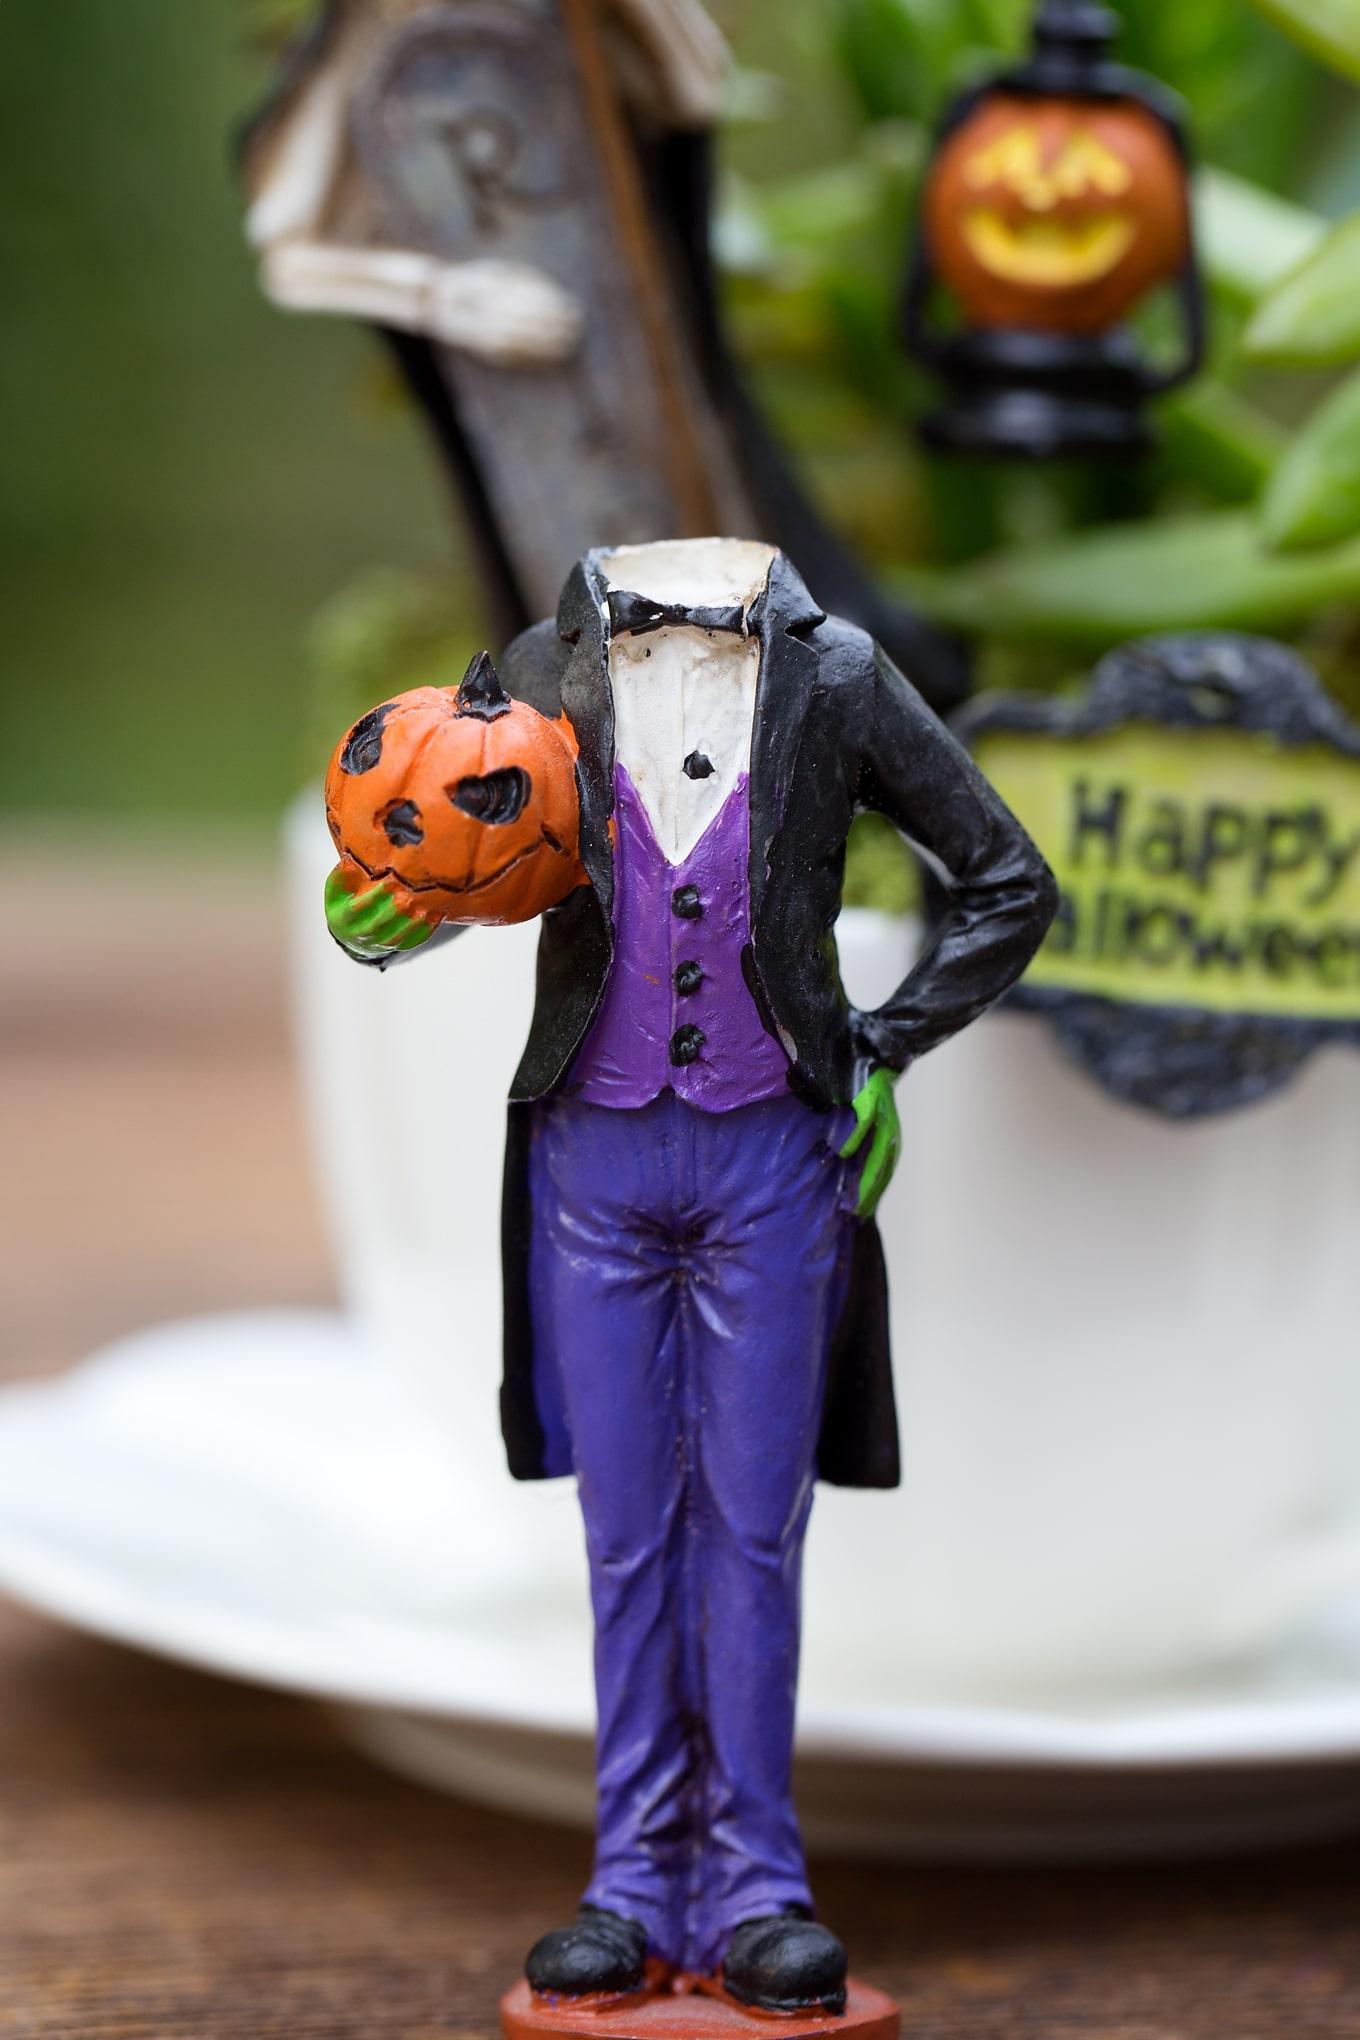 Halloween Teacup Garden Headless Pumpkin Man